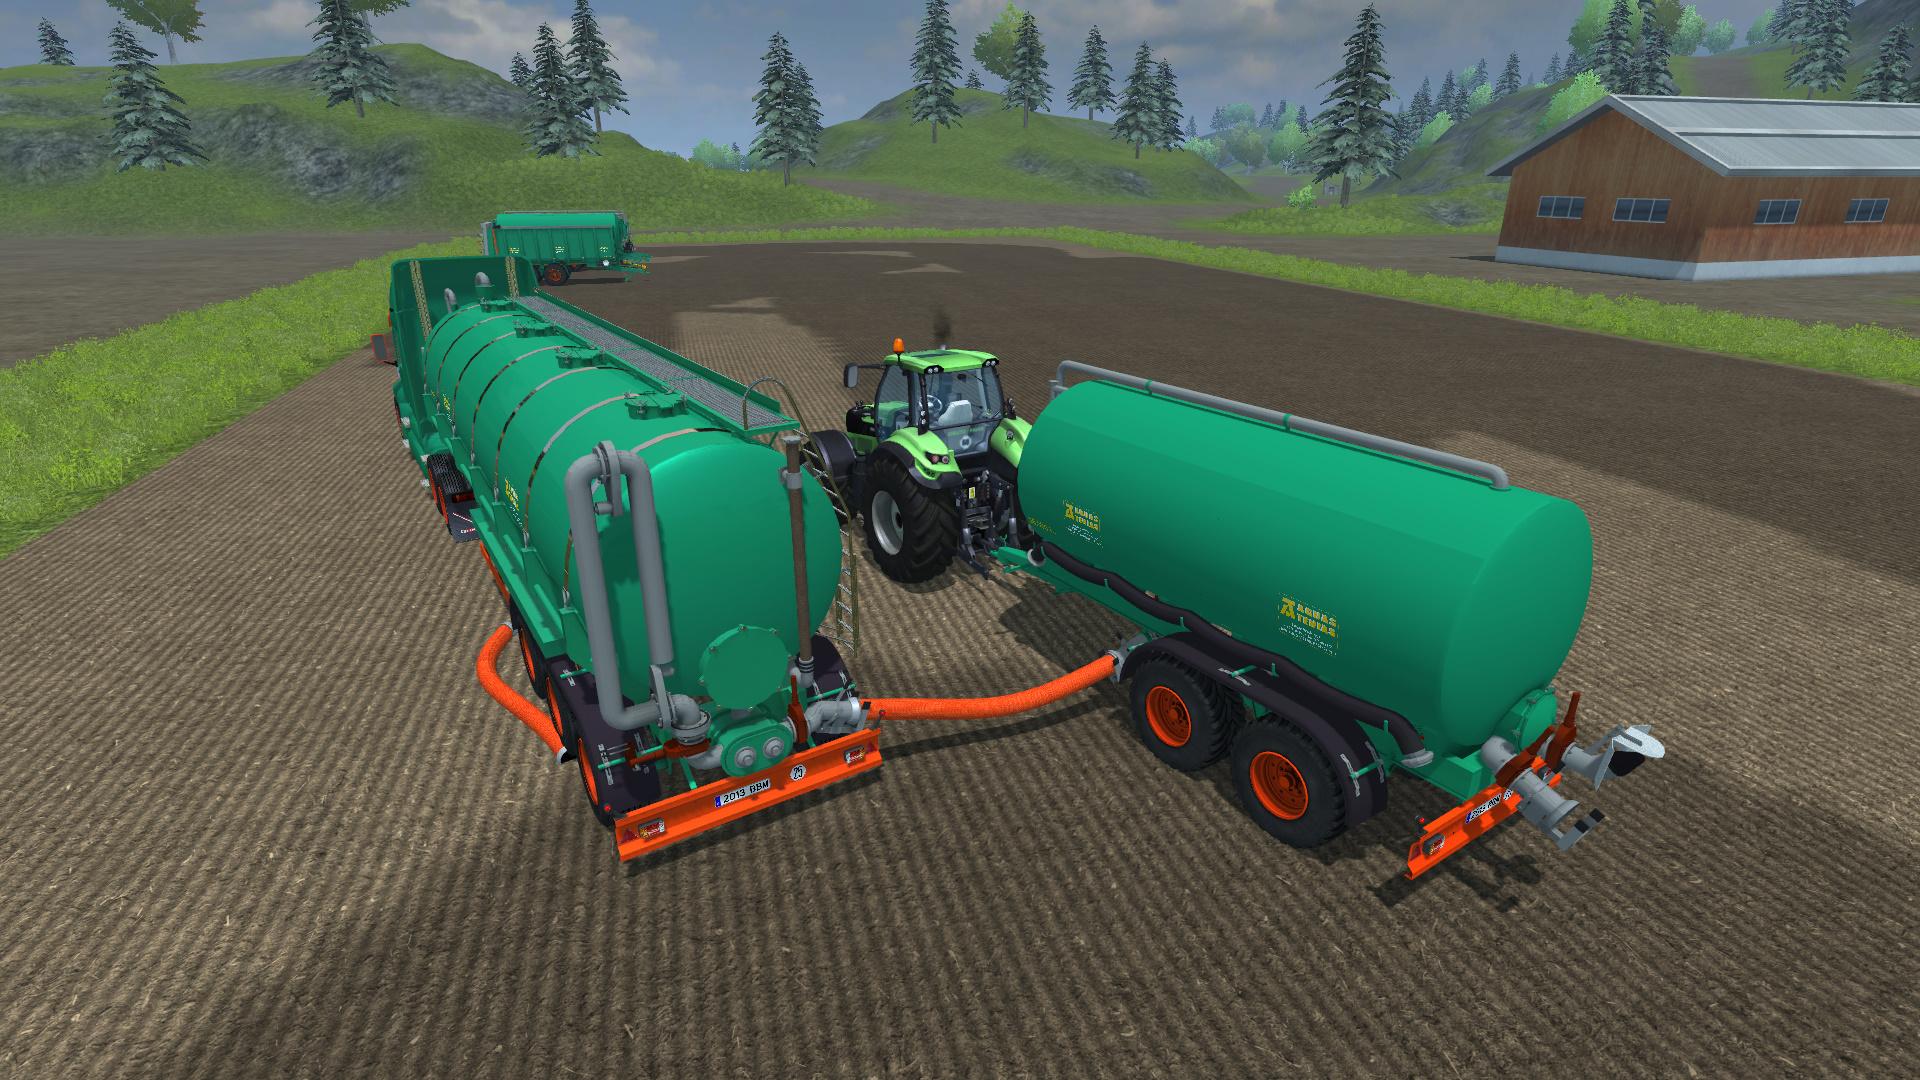 [Encuesta][T.E.P.] Proyecto Aguas Tenias (22 modelos + 1 Camión) [Terminado 21-4-2014]. - Página 11 Farmingsimulator2013gdjujn